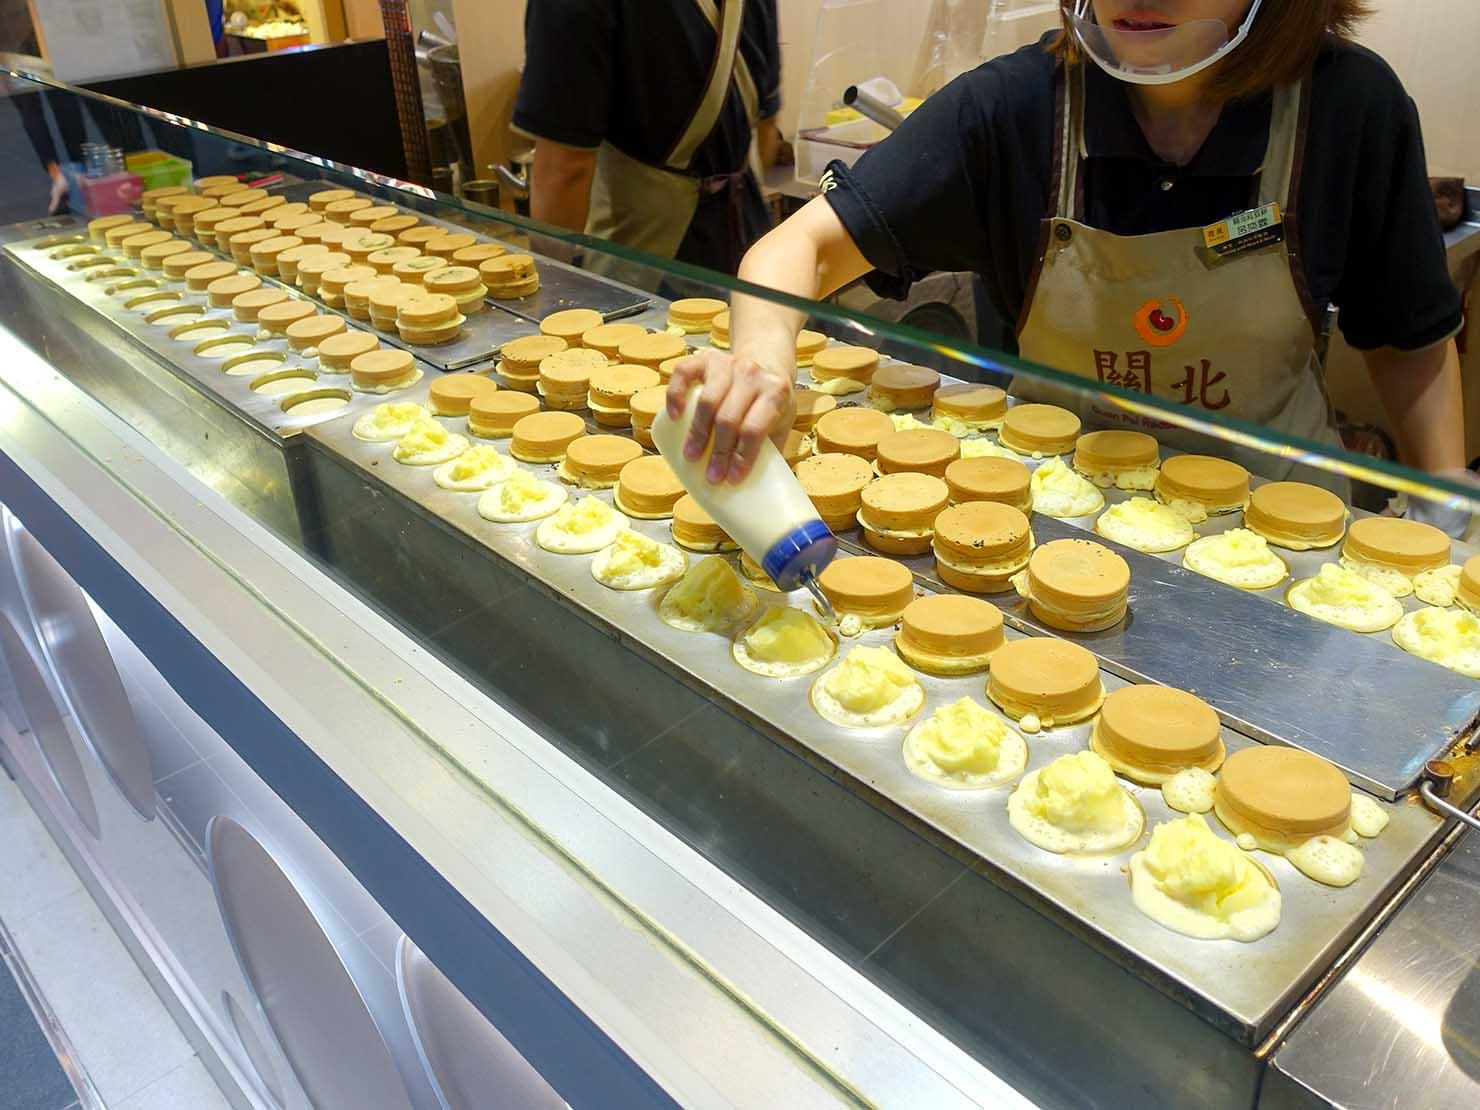 台北駅駅ナカ(車站大廳)のおすすめグルメ店「關北紅豆餅」の店頭で焼かれる大判焼き